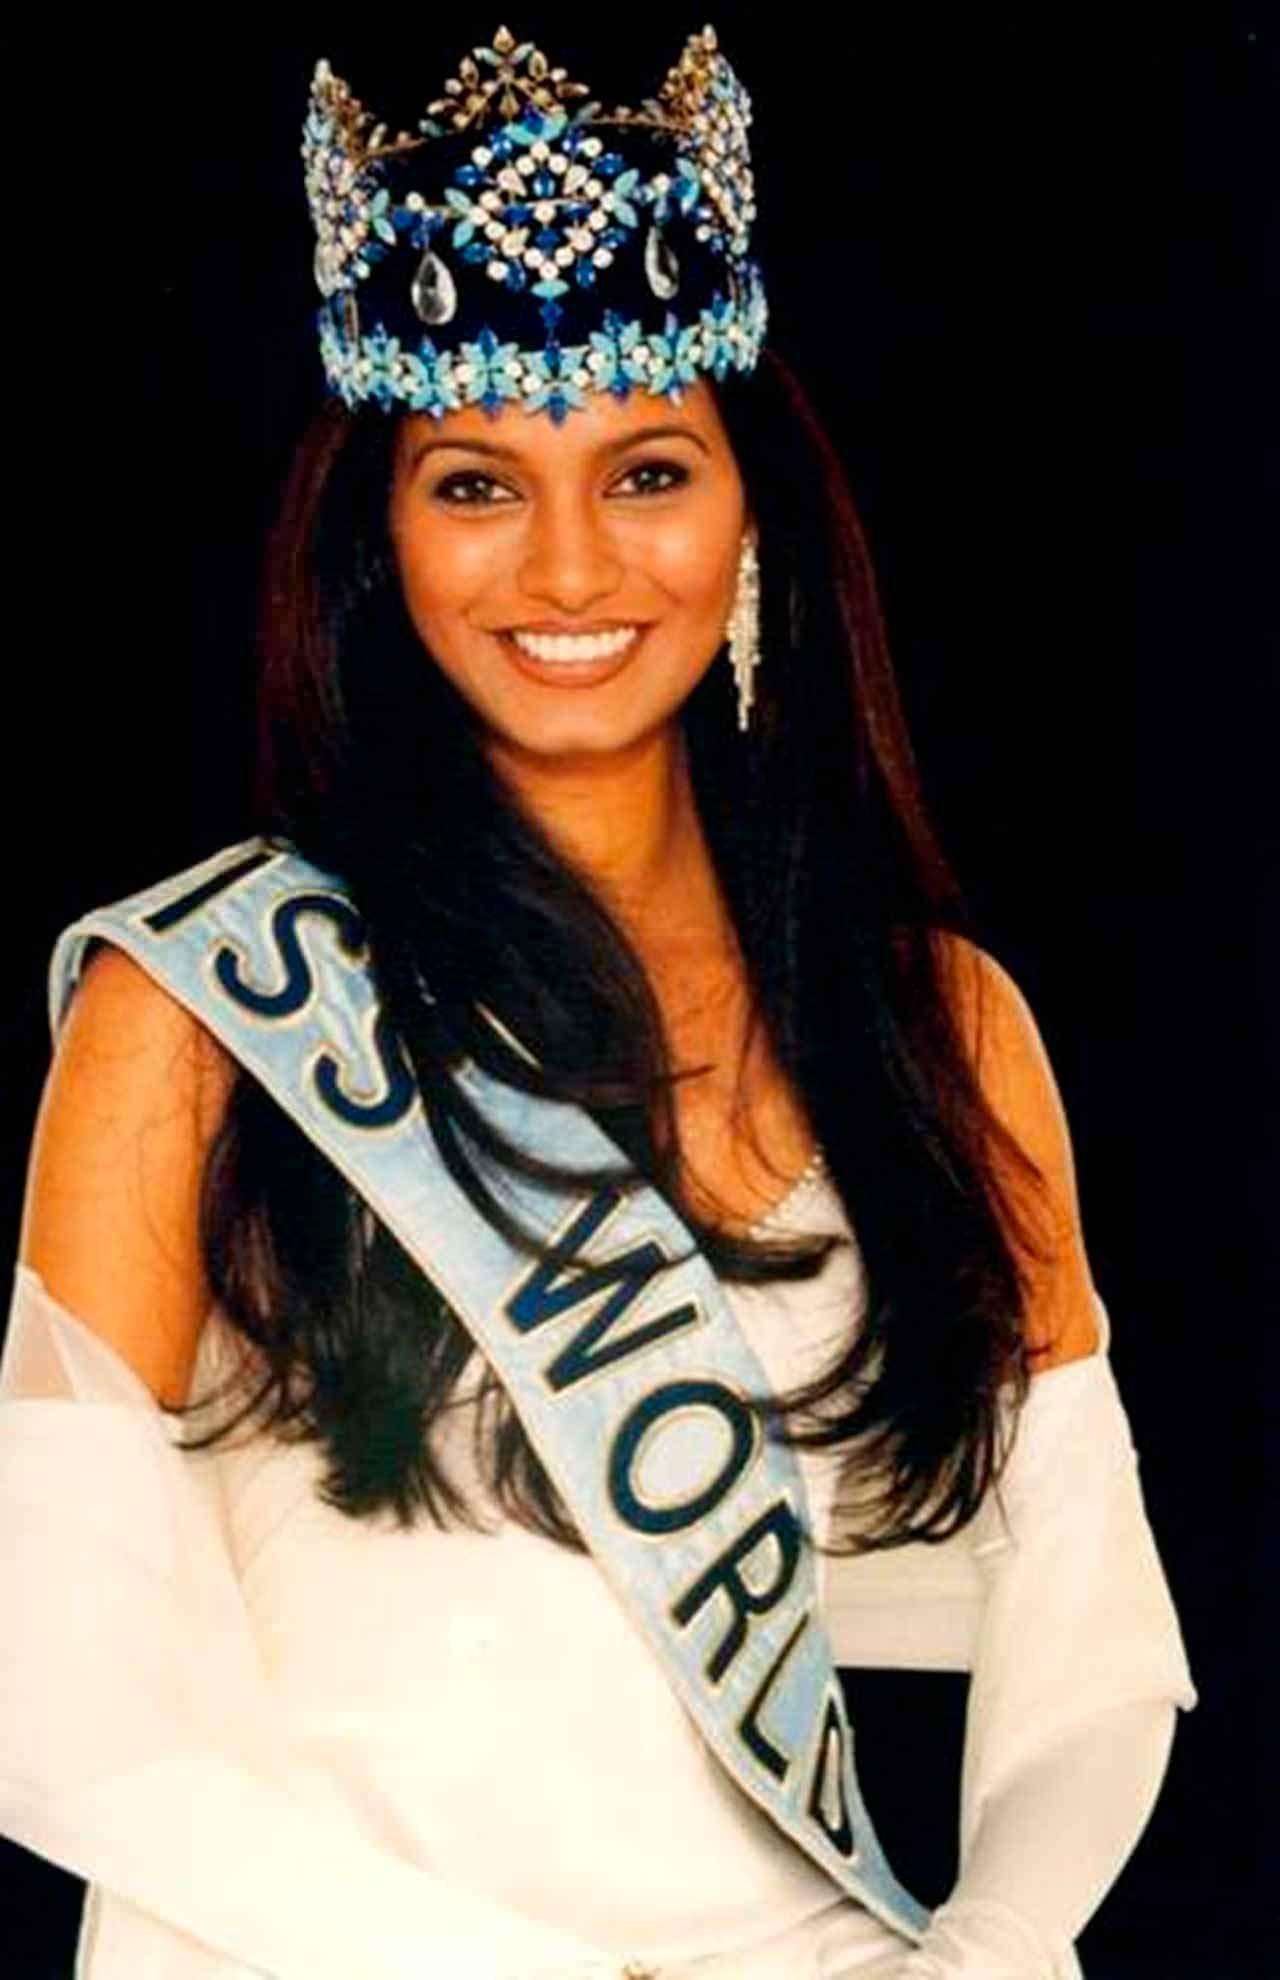 Фото | Мисс Мира 1997 года Диана Хайден